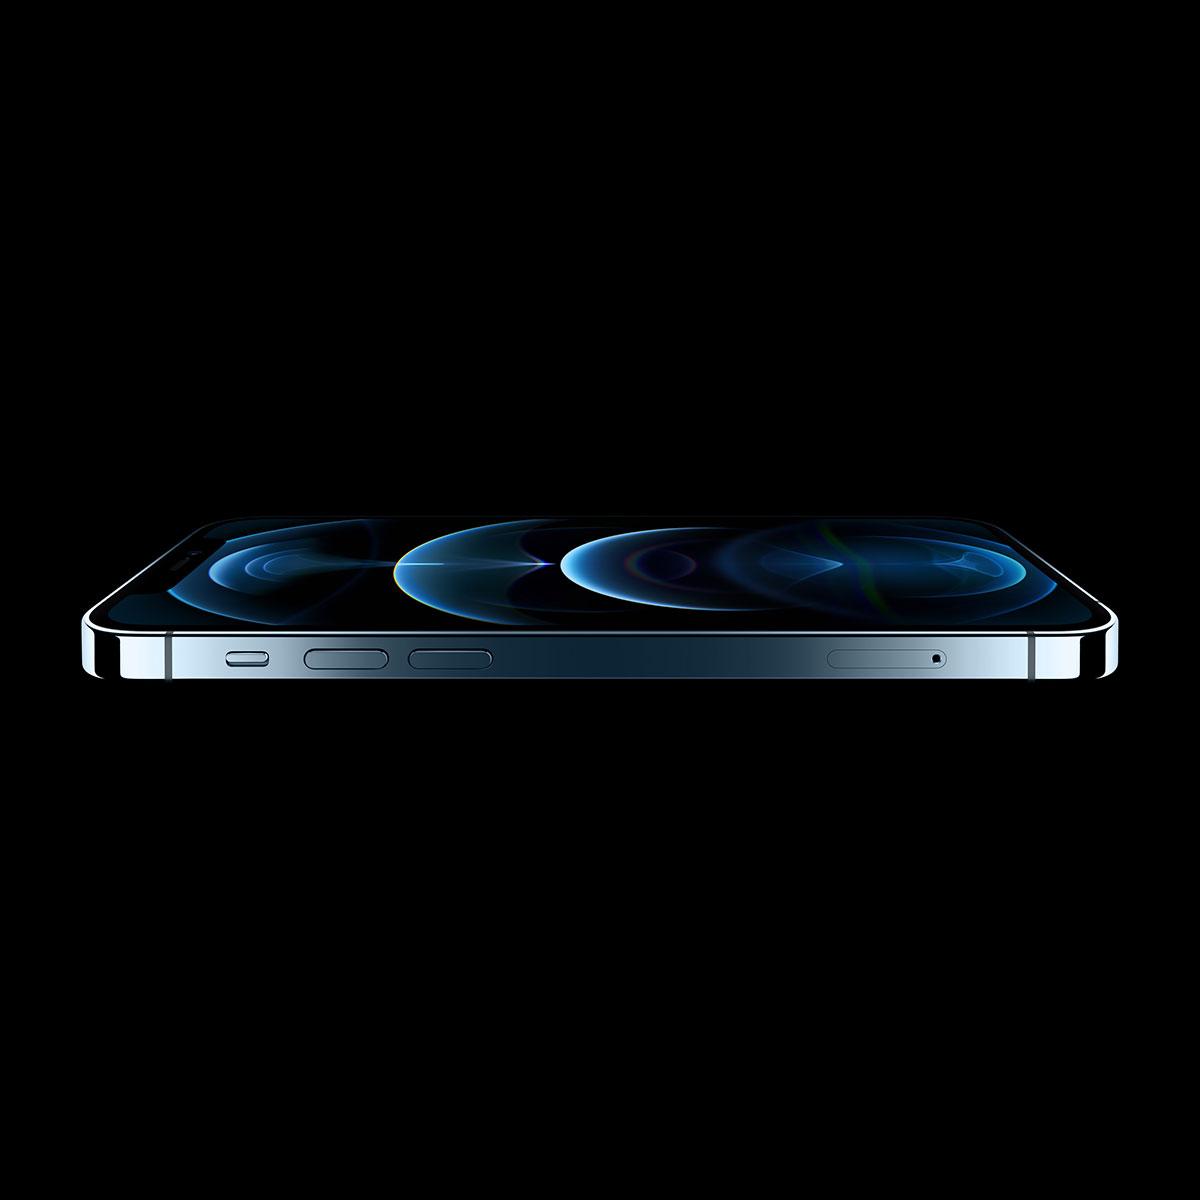 【今週発売の注目製品】アップルから、iPhone 12 Pro/iPhone 12/iPad Airが10月23日に発売